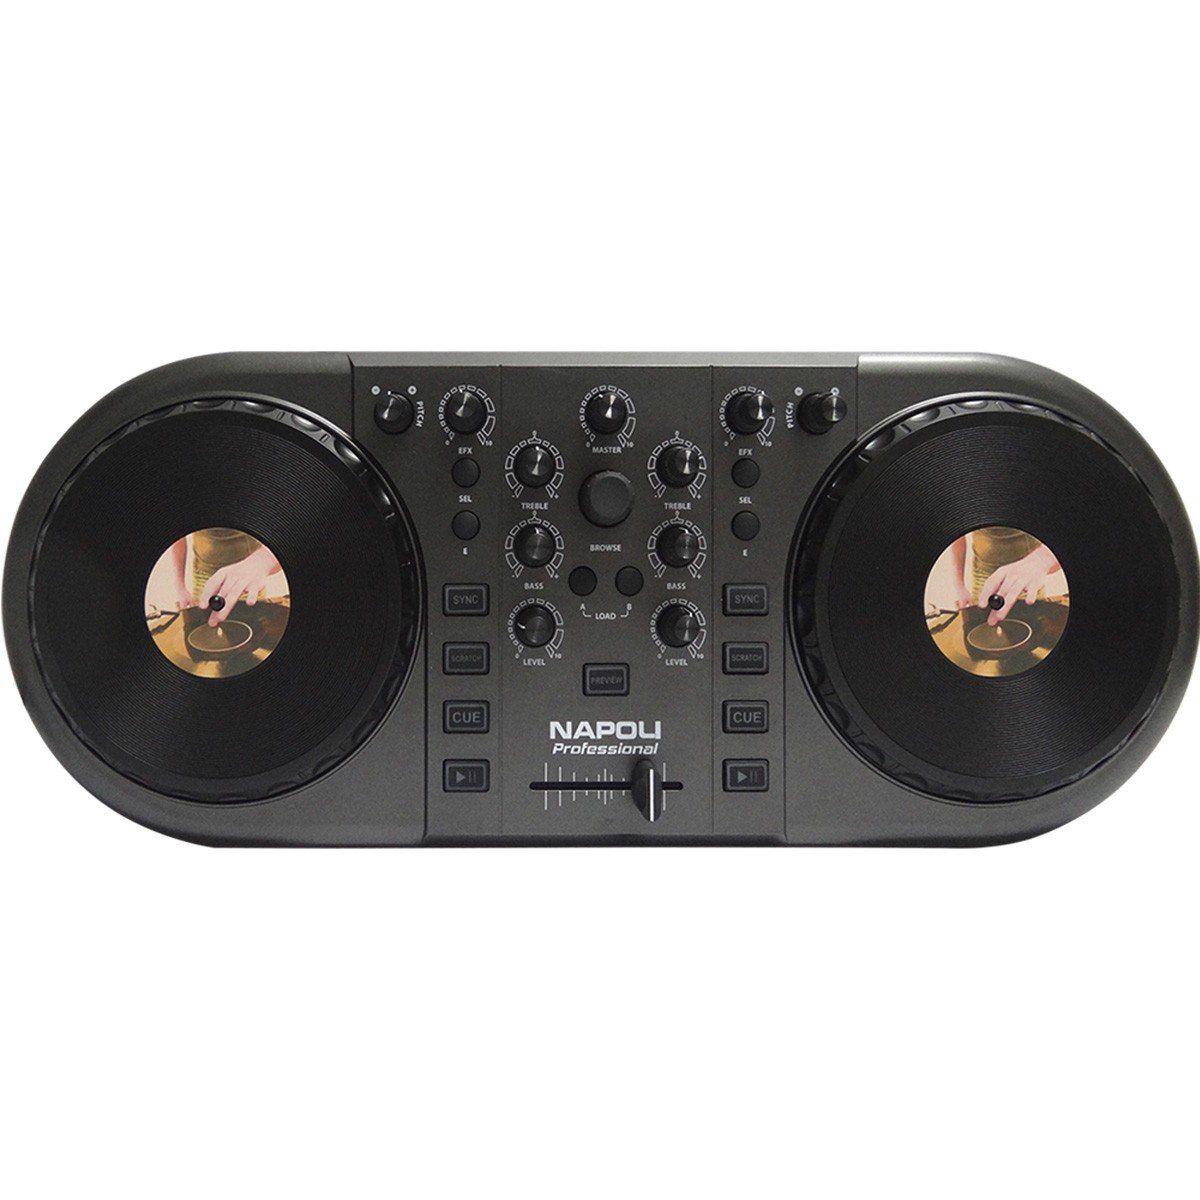 Napoli NPL-DJ Controladora Dj NPL 2-Decks para DJs Iniciantes